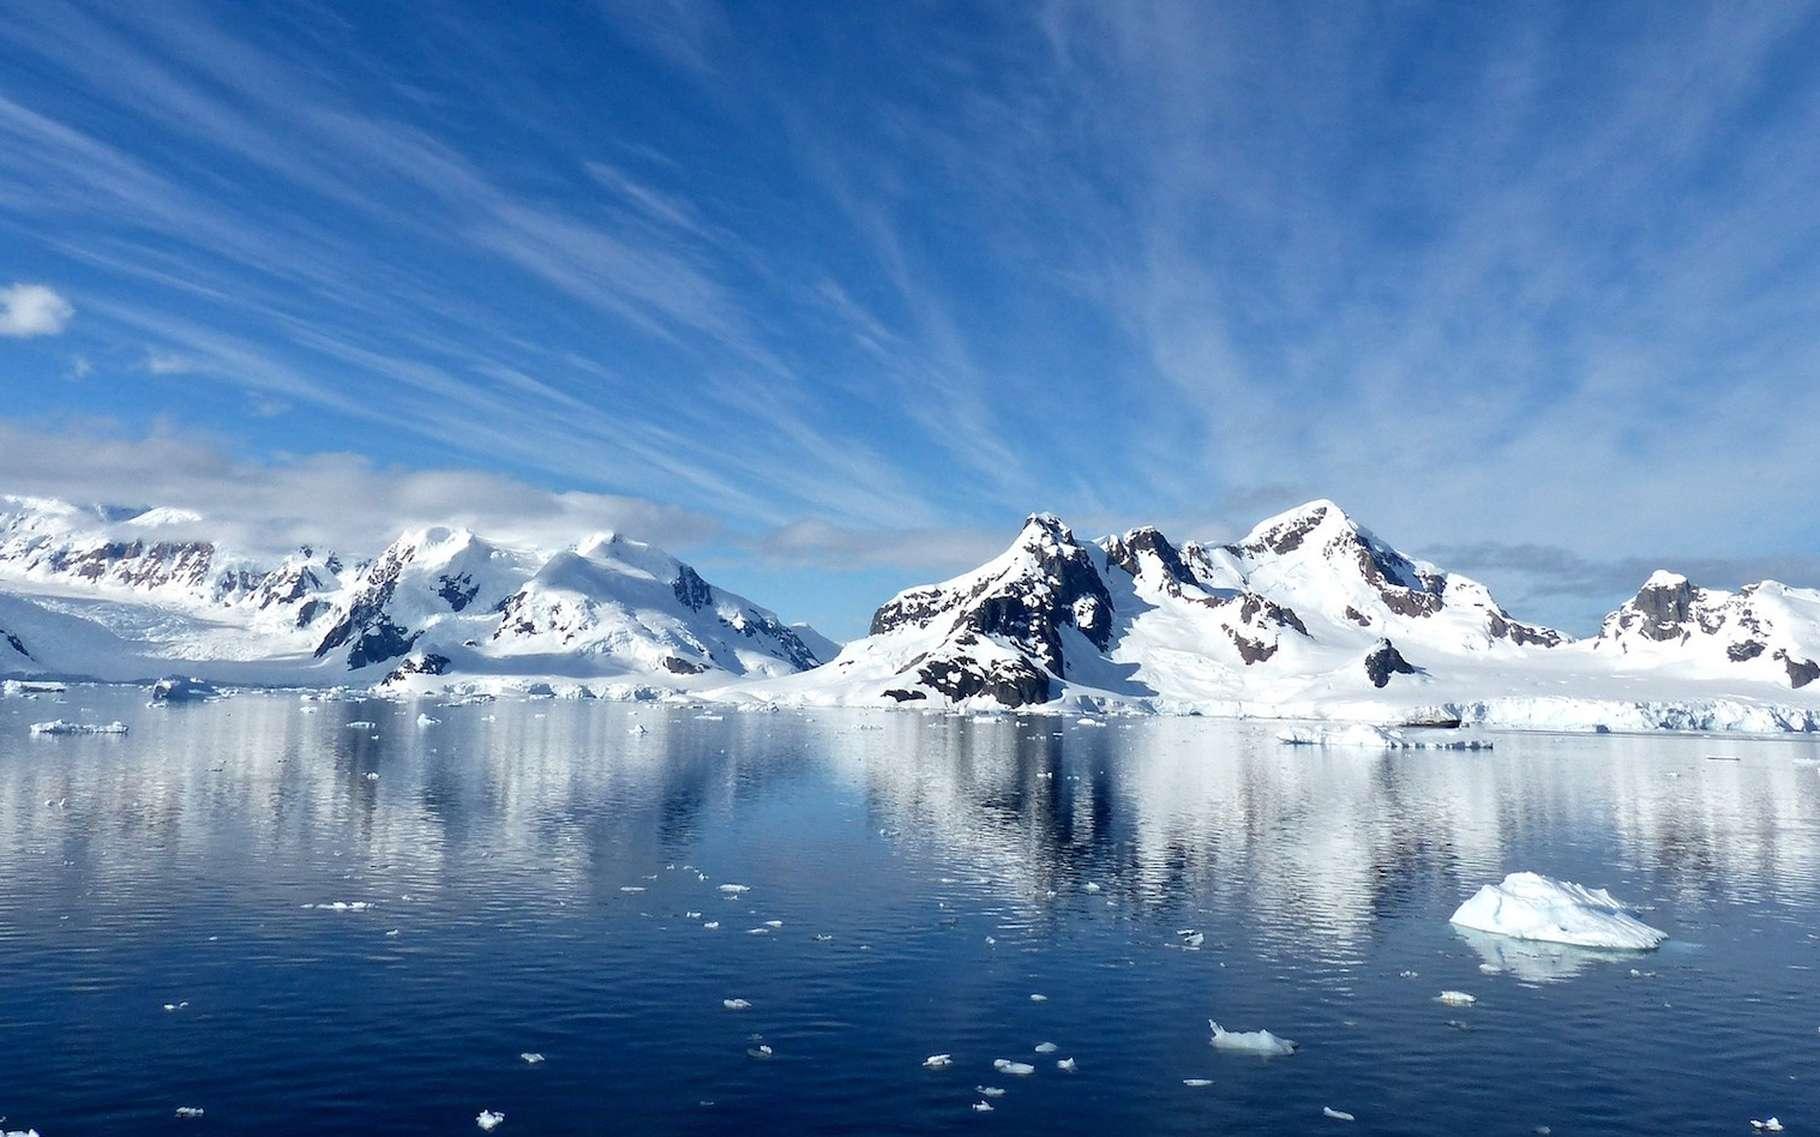 Des chercheurs ont découvert la preuve d'une activité volcanique sous le glacier de l'île du Pin. © jcrane, Pixabay, CC0 Creative Commons